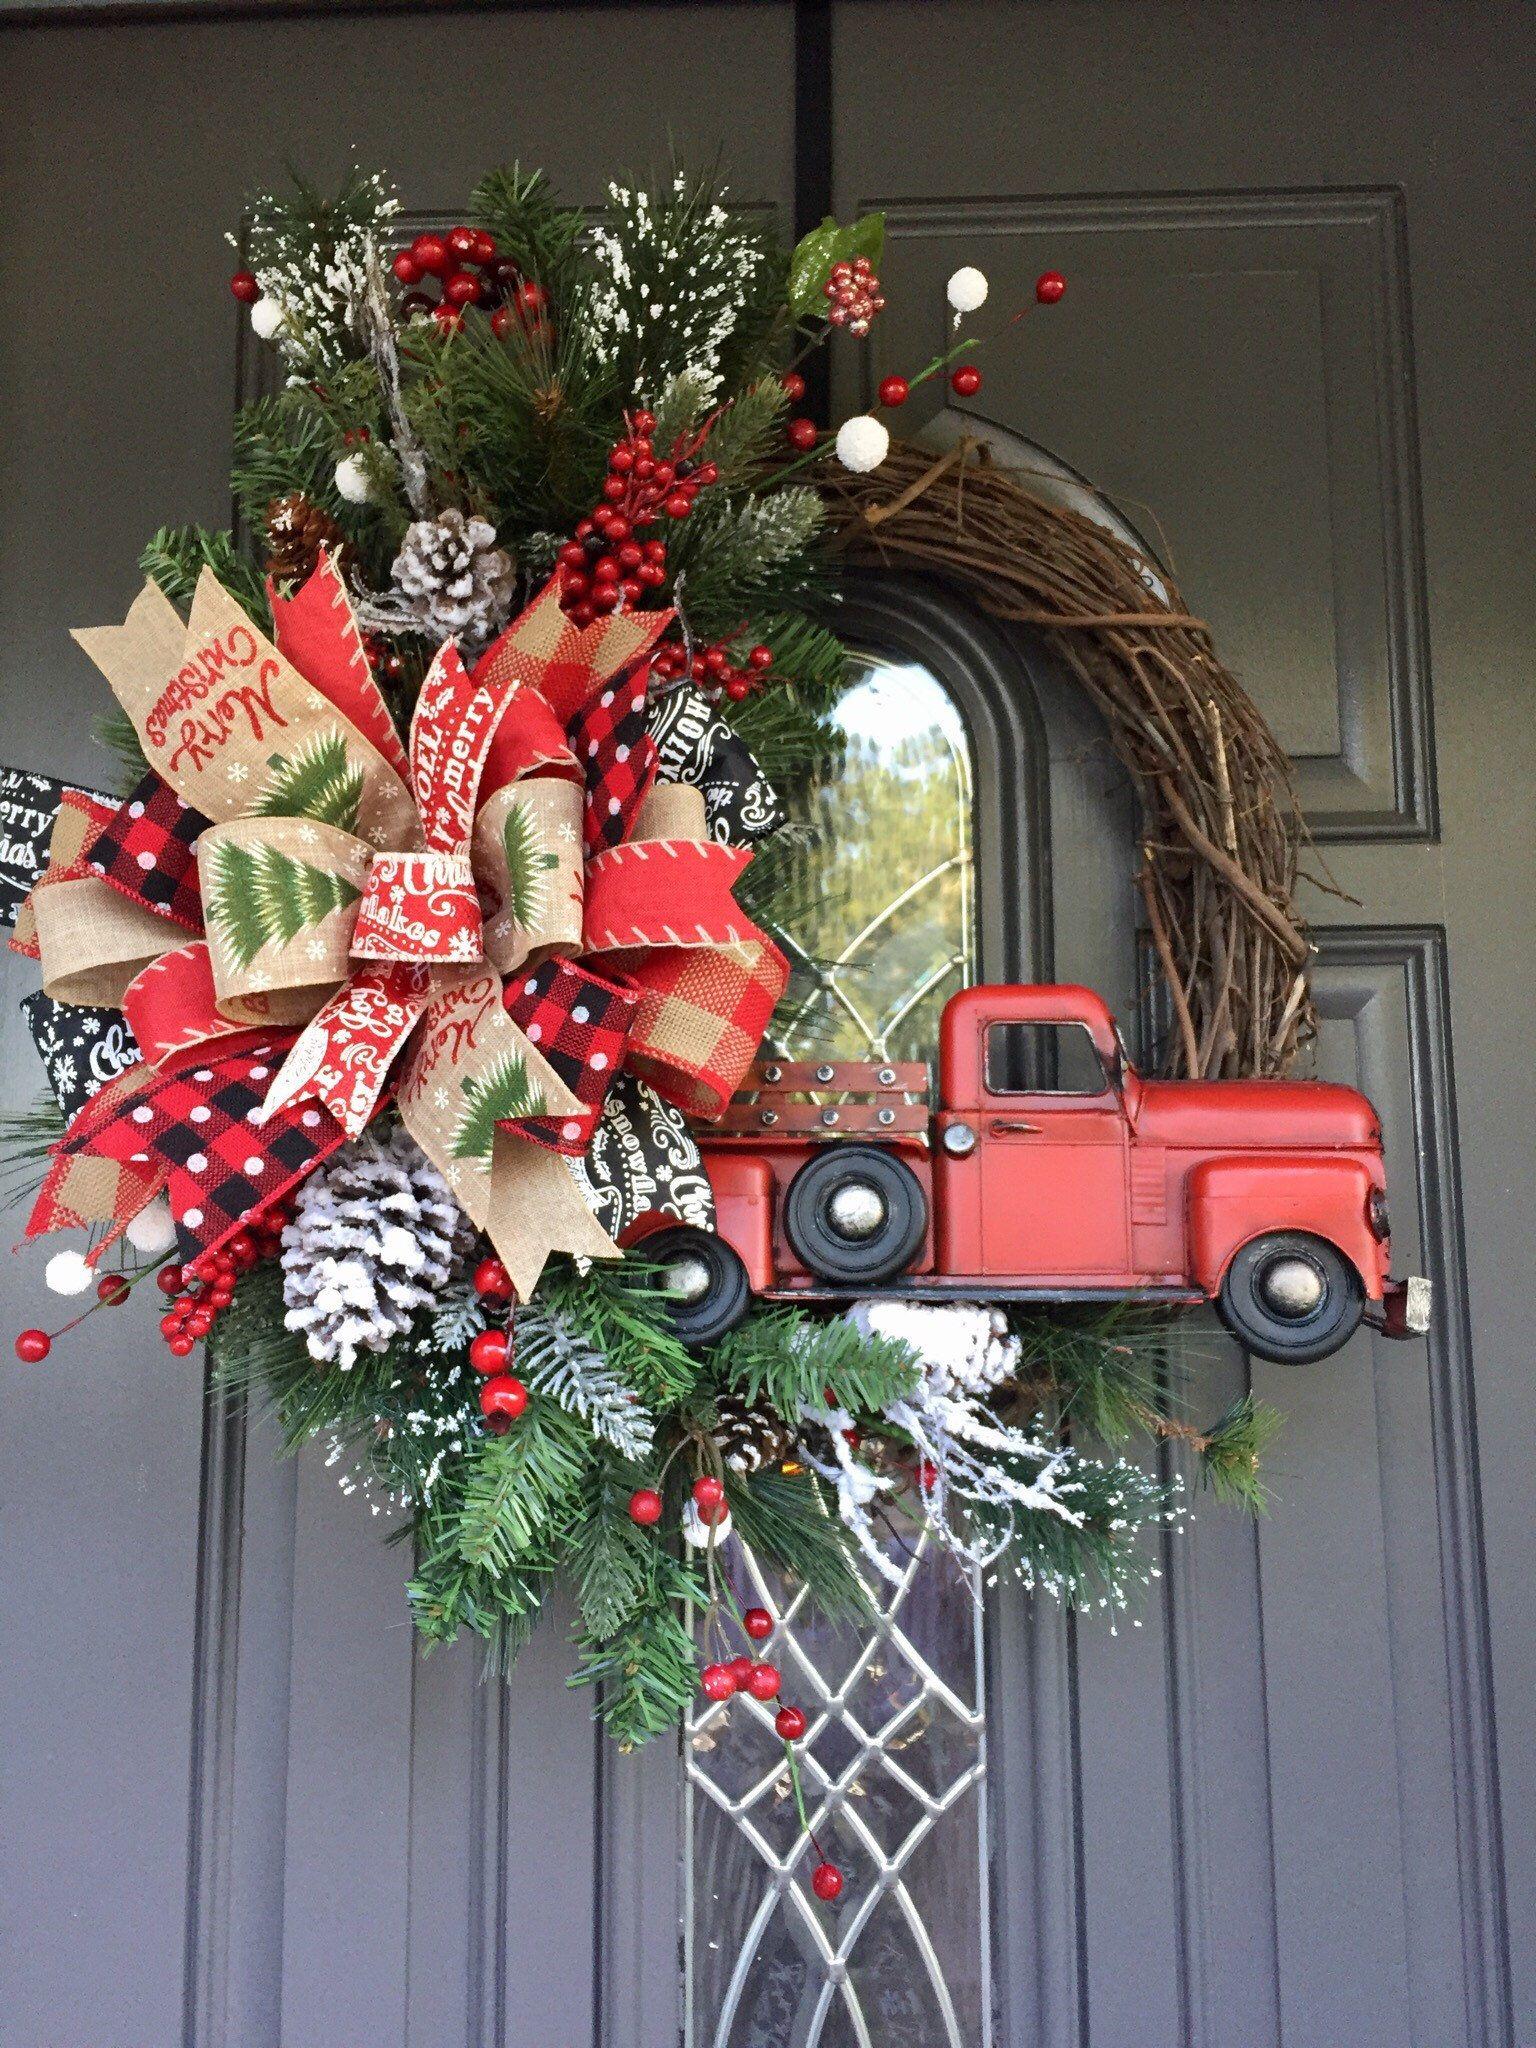 Joy Wreath Christmas Wreath Christmas Red Truck Wreath Country Wreath Christmas Decorations Christmas Red Truck Decor Red Truck Wreath